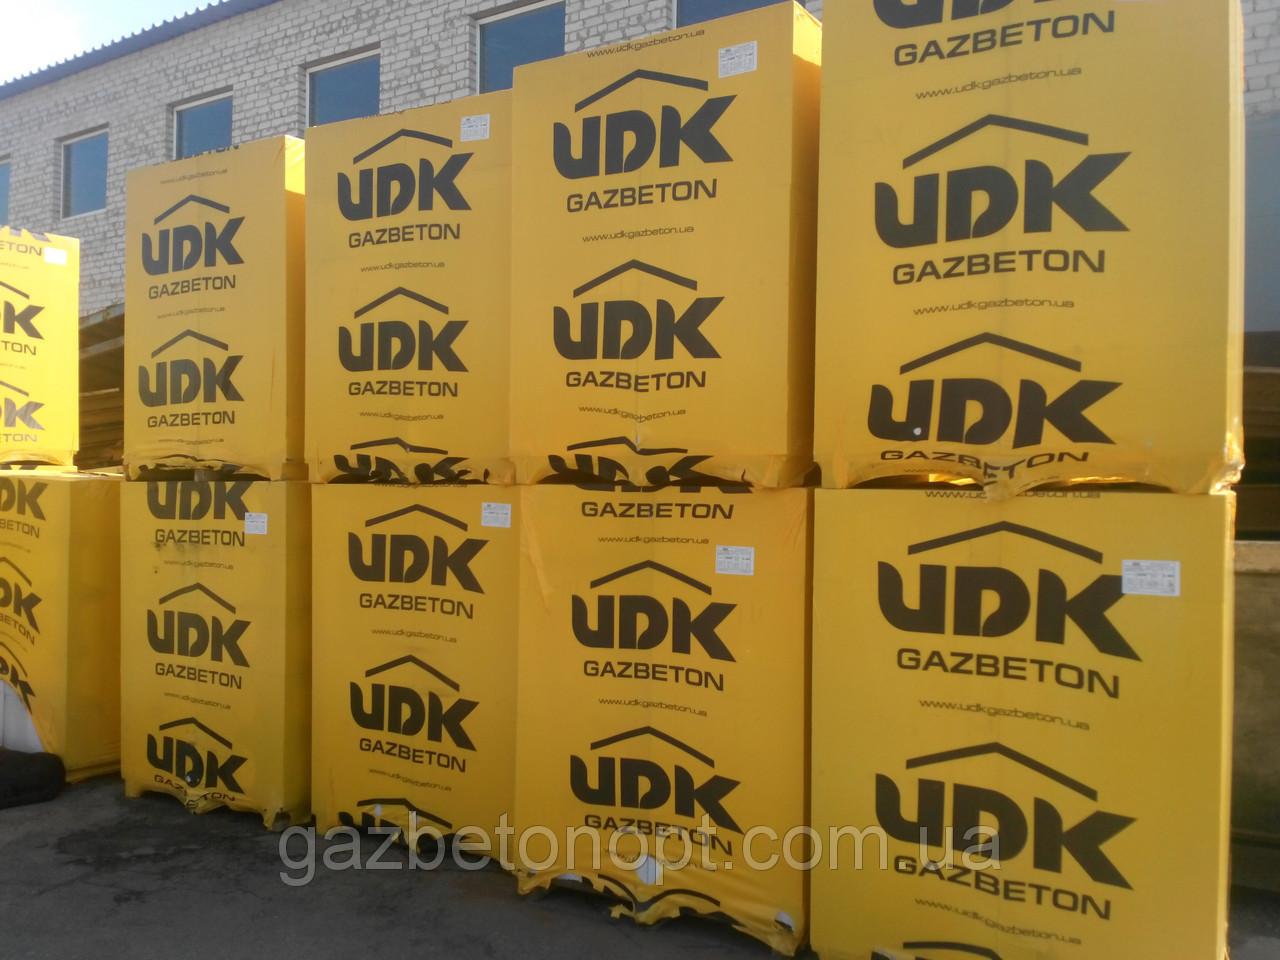 Газобетон, Газоблок, Газобетонные блоки ЮДК (UDK) 600*150*200 D400